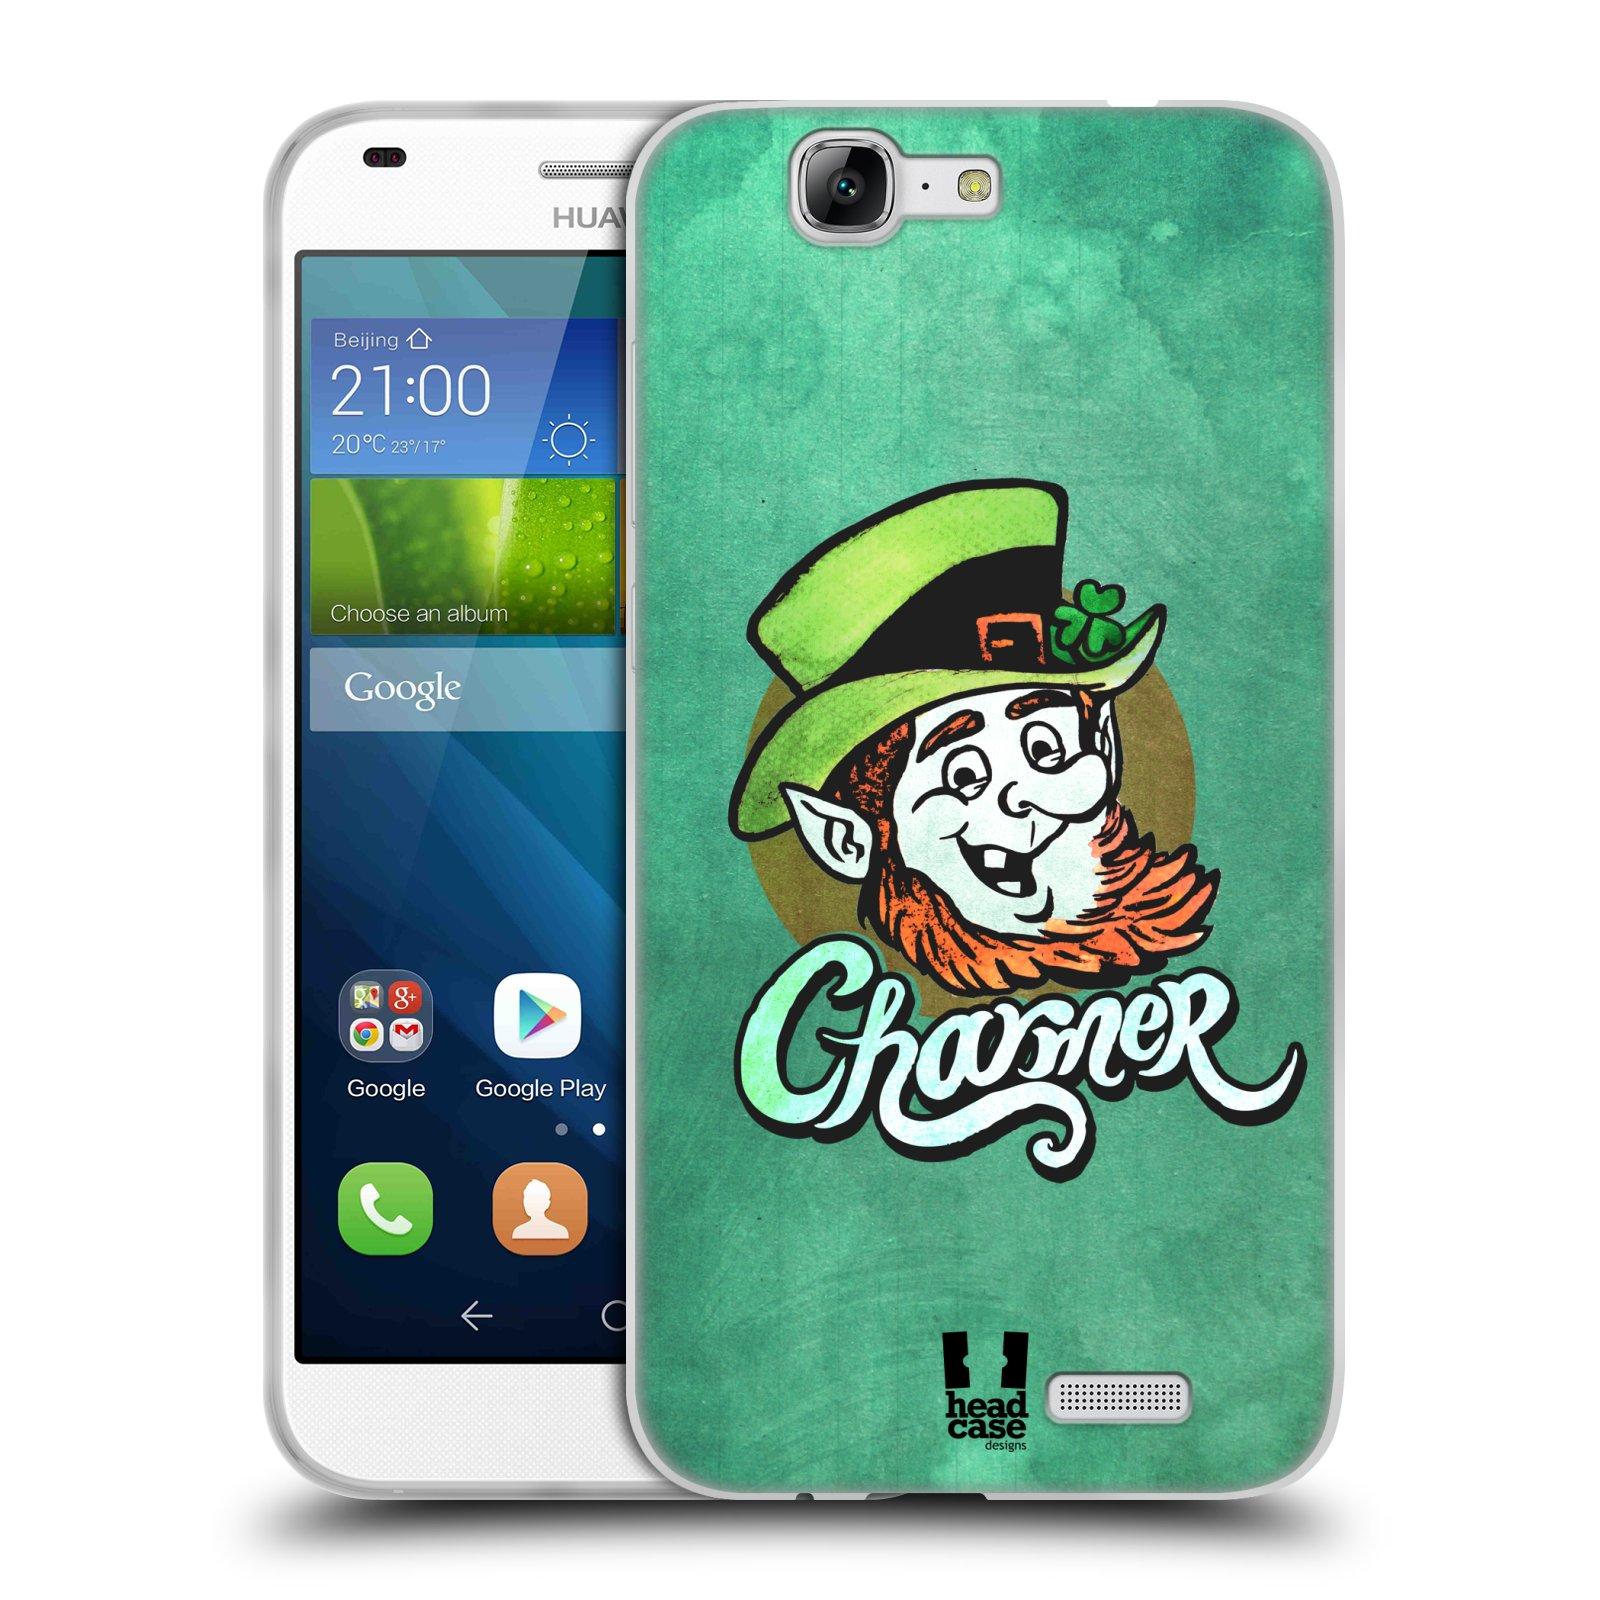 Silikonové pouzdro na mobil Huawei Ascend G7 HEAD CASE CHARMER (Silikonový kryt či obal na mobilní telefon Huawei Ascend G7)